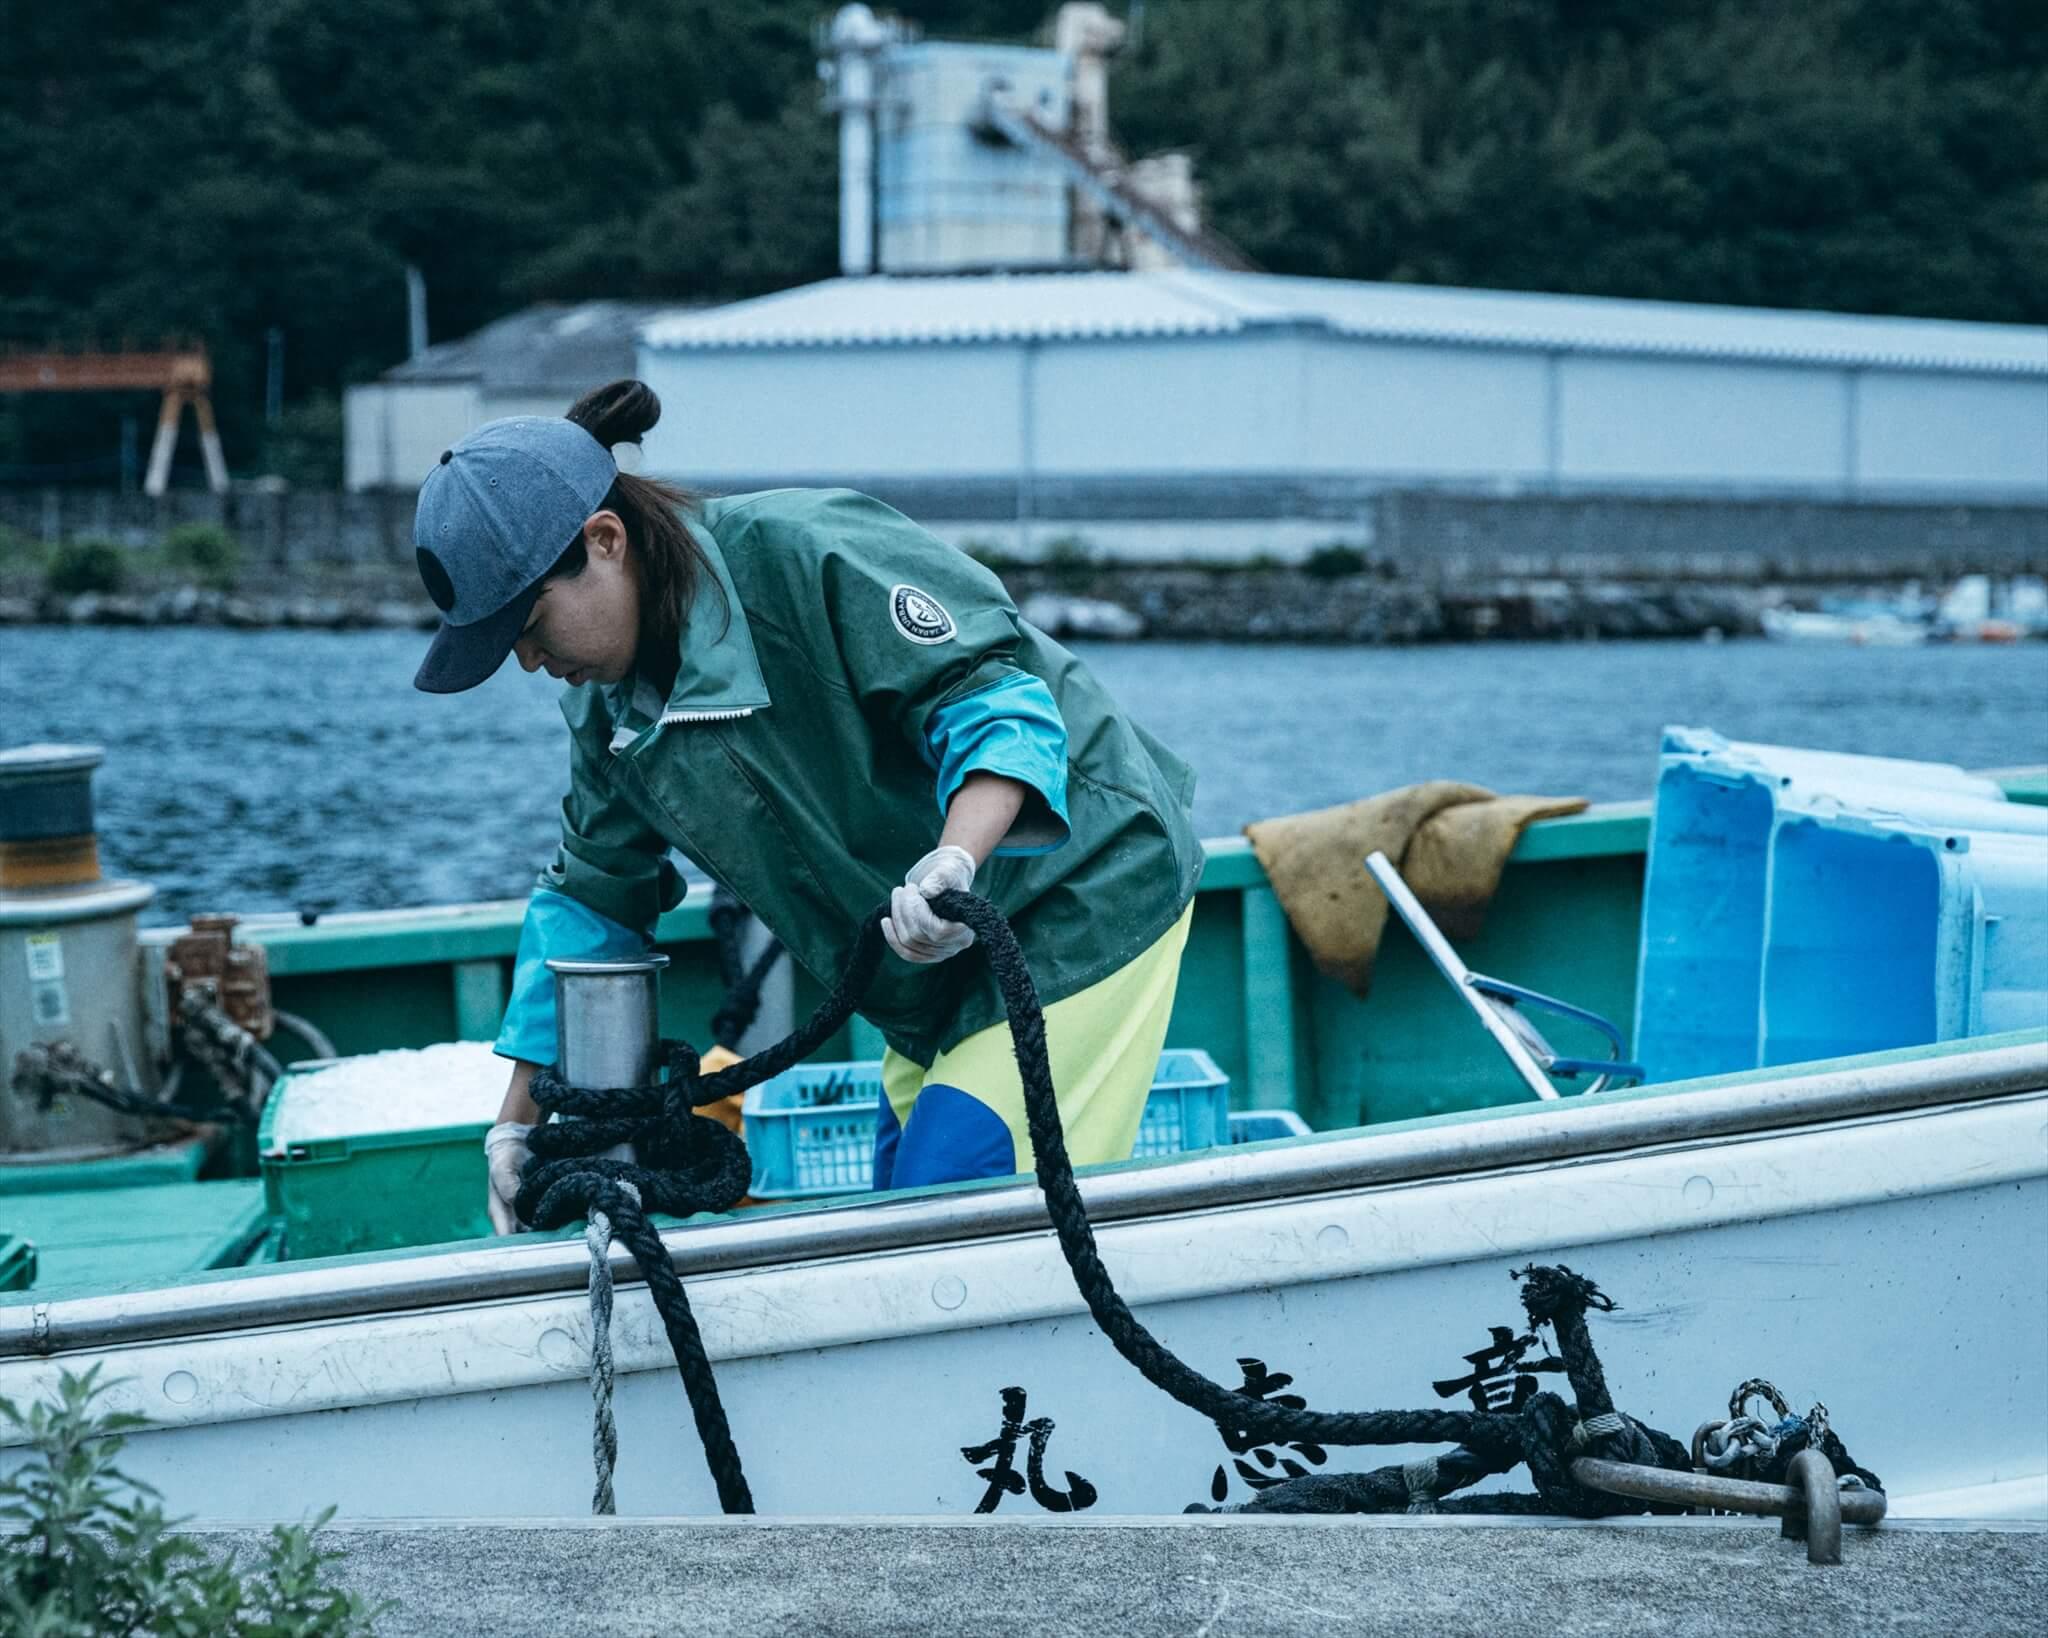 阿武町の漁業分野の地域おこし協力隊として活動する宮川直子さん。漁師のもとで修行しつつ、魚の高付加価値化などに向けて奮闘中